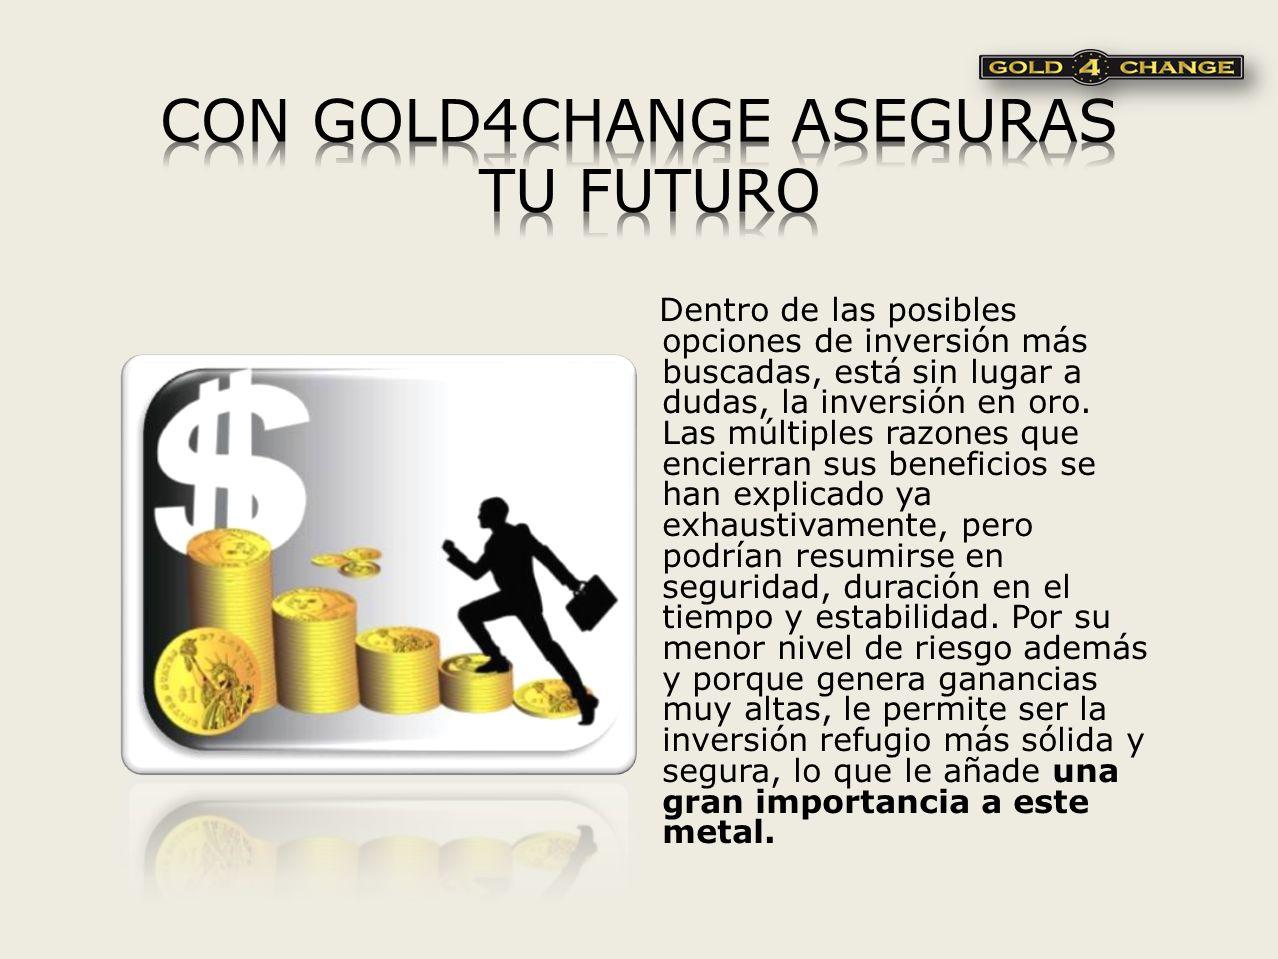 CON GOLD4CHANGE ASEGURAS TU FUTURO